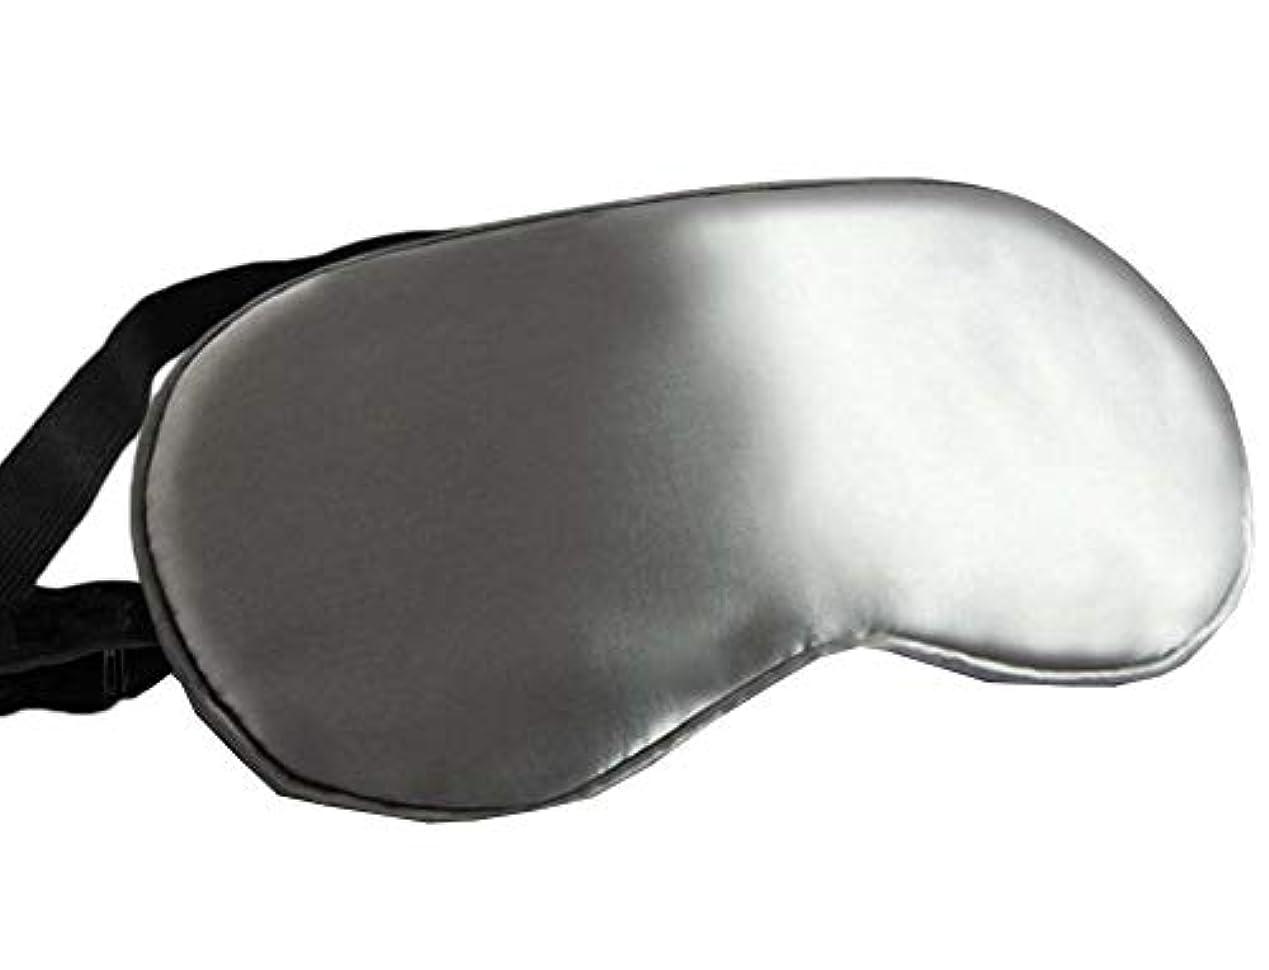 ヒゲクジラ僕のアプローチシルクスリープアイマスク旅行とシフトワークとナップのための - 08